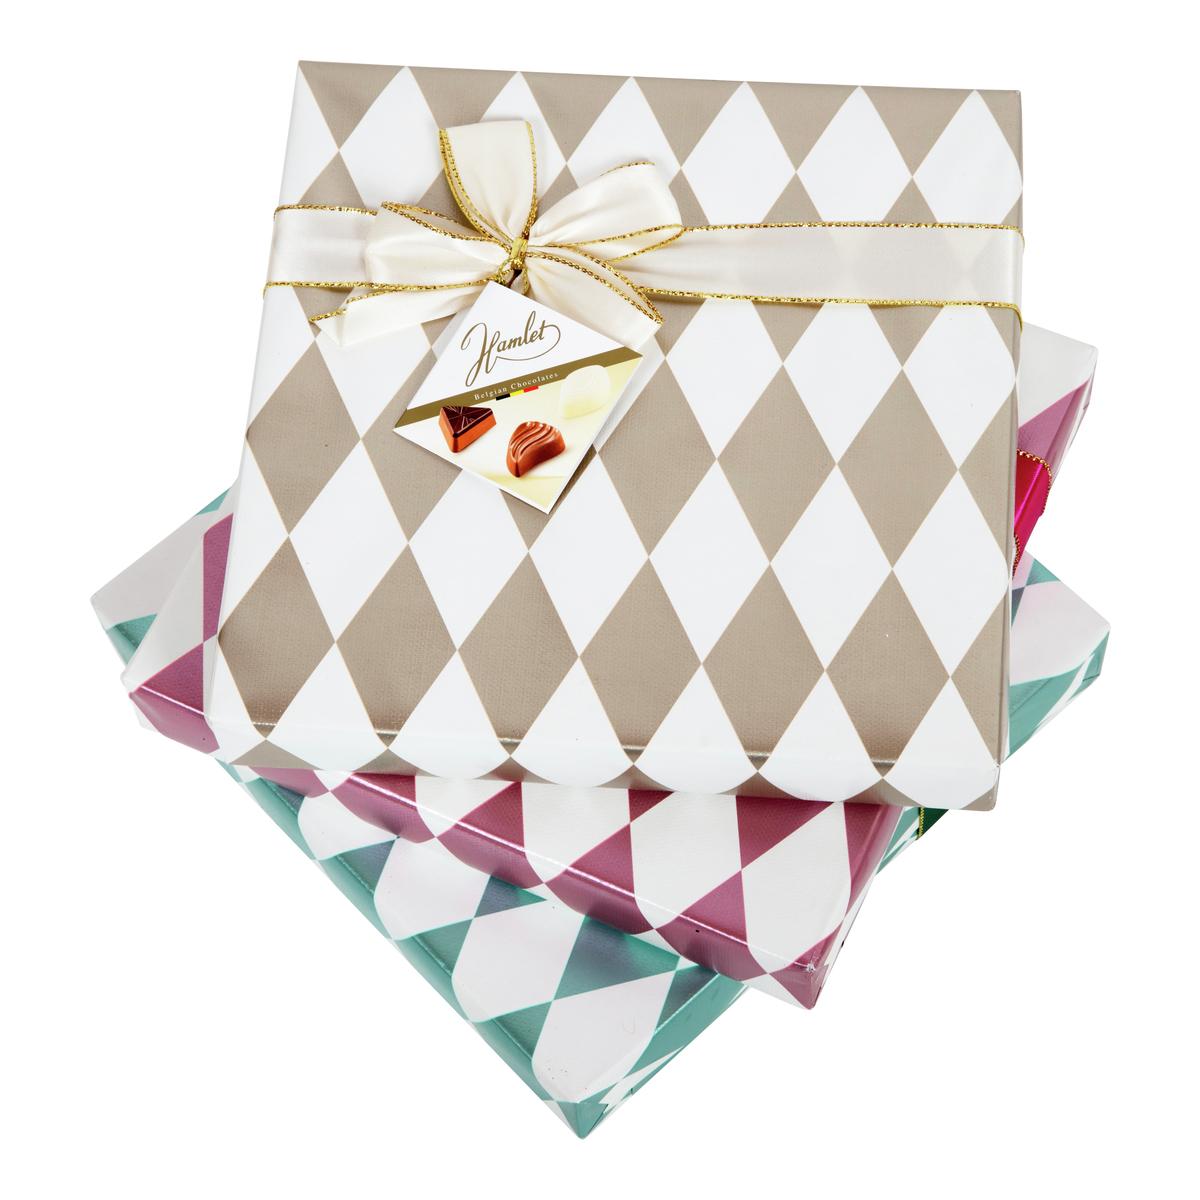 Belgisk luksus sjokolade-SJO952